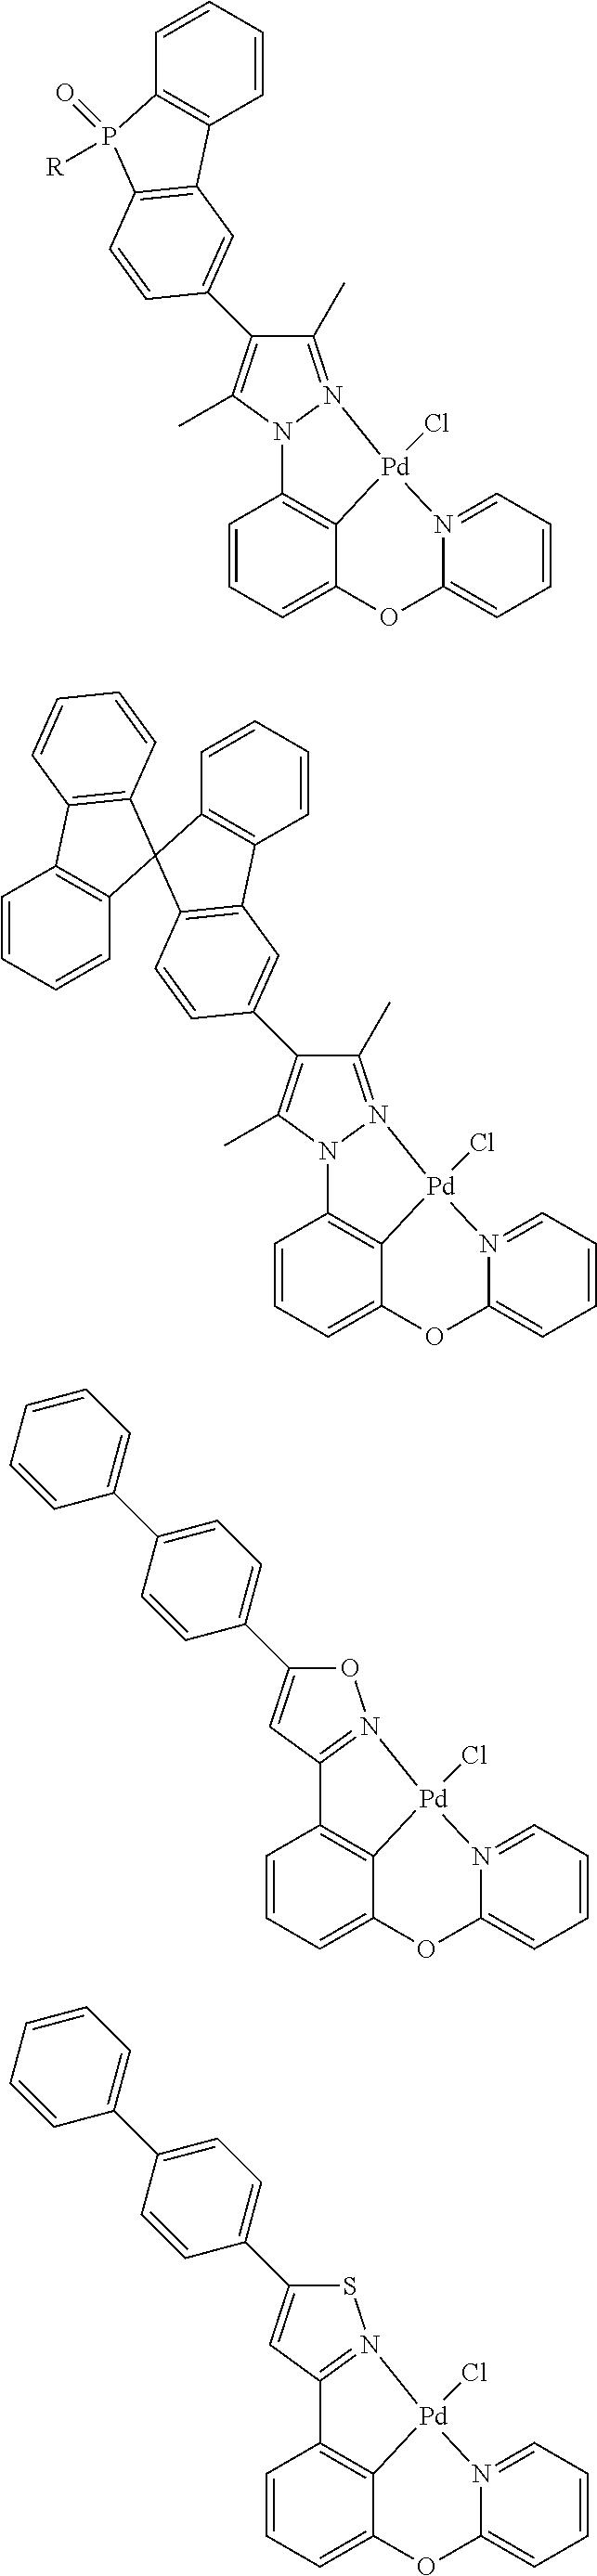 Figure US09818959-20171114-C00180